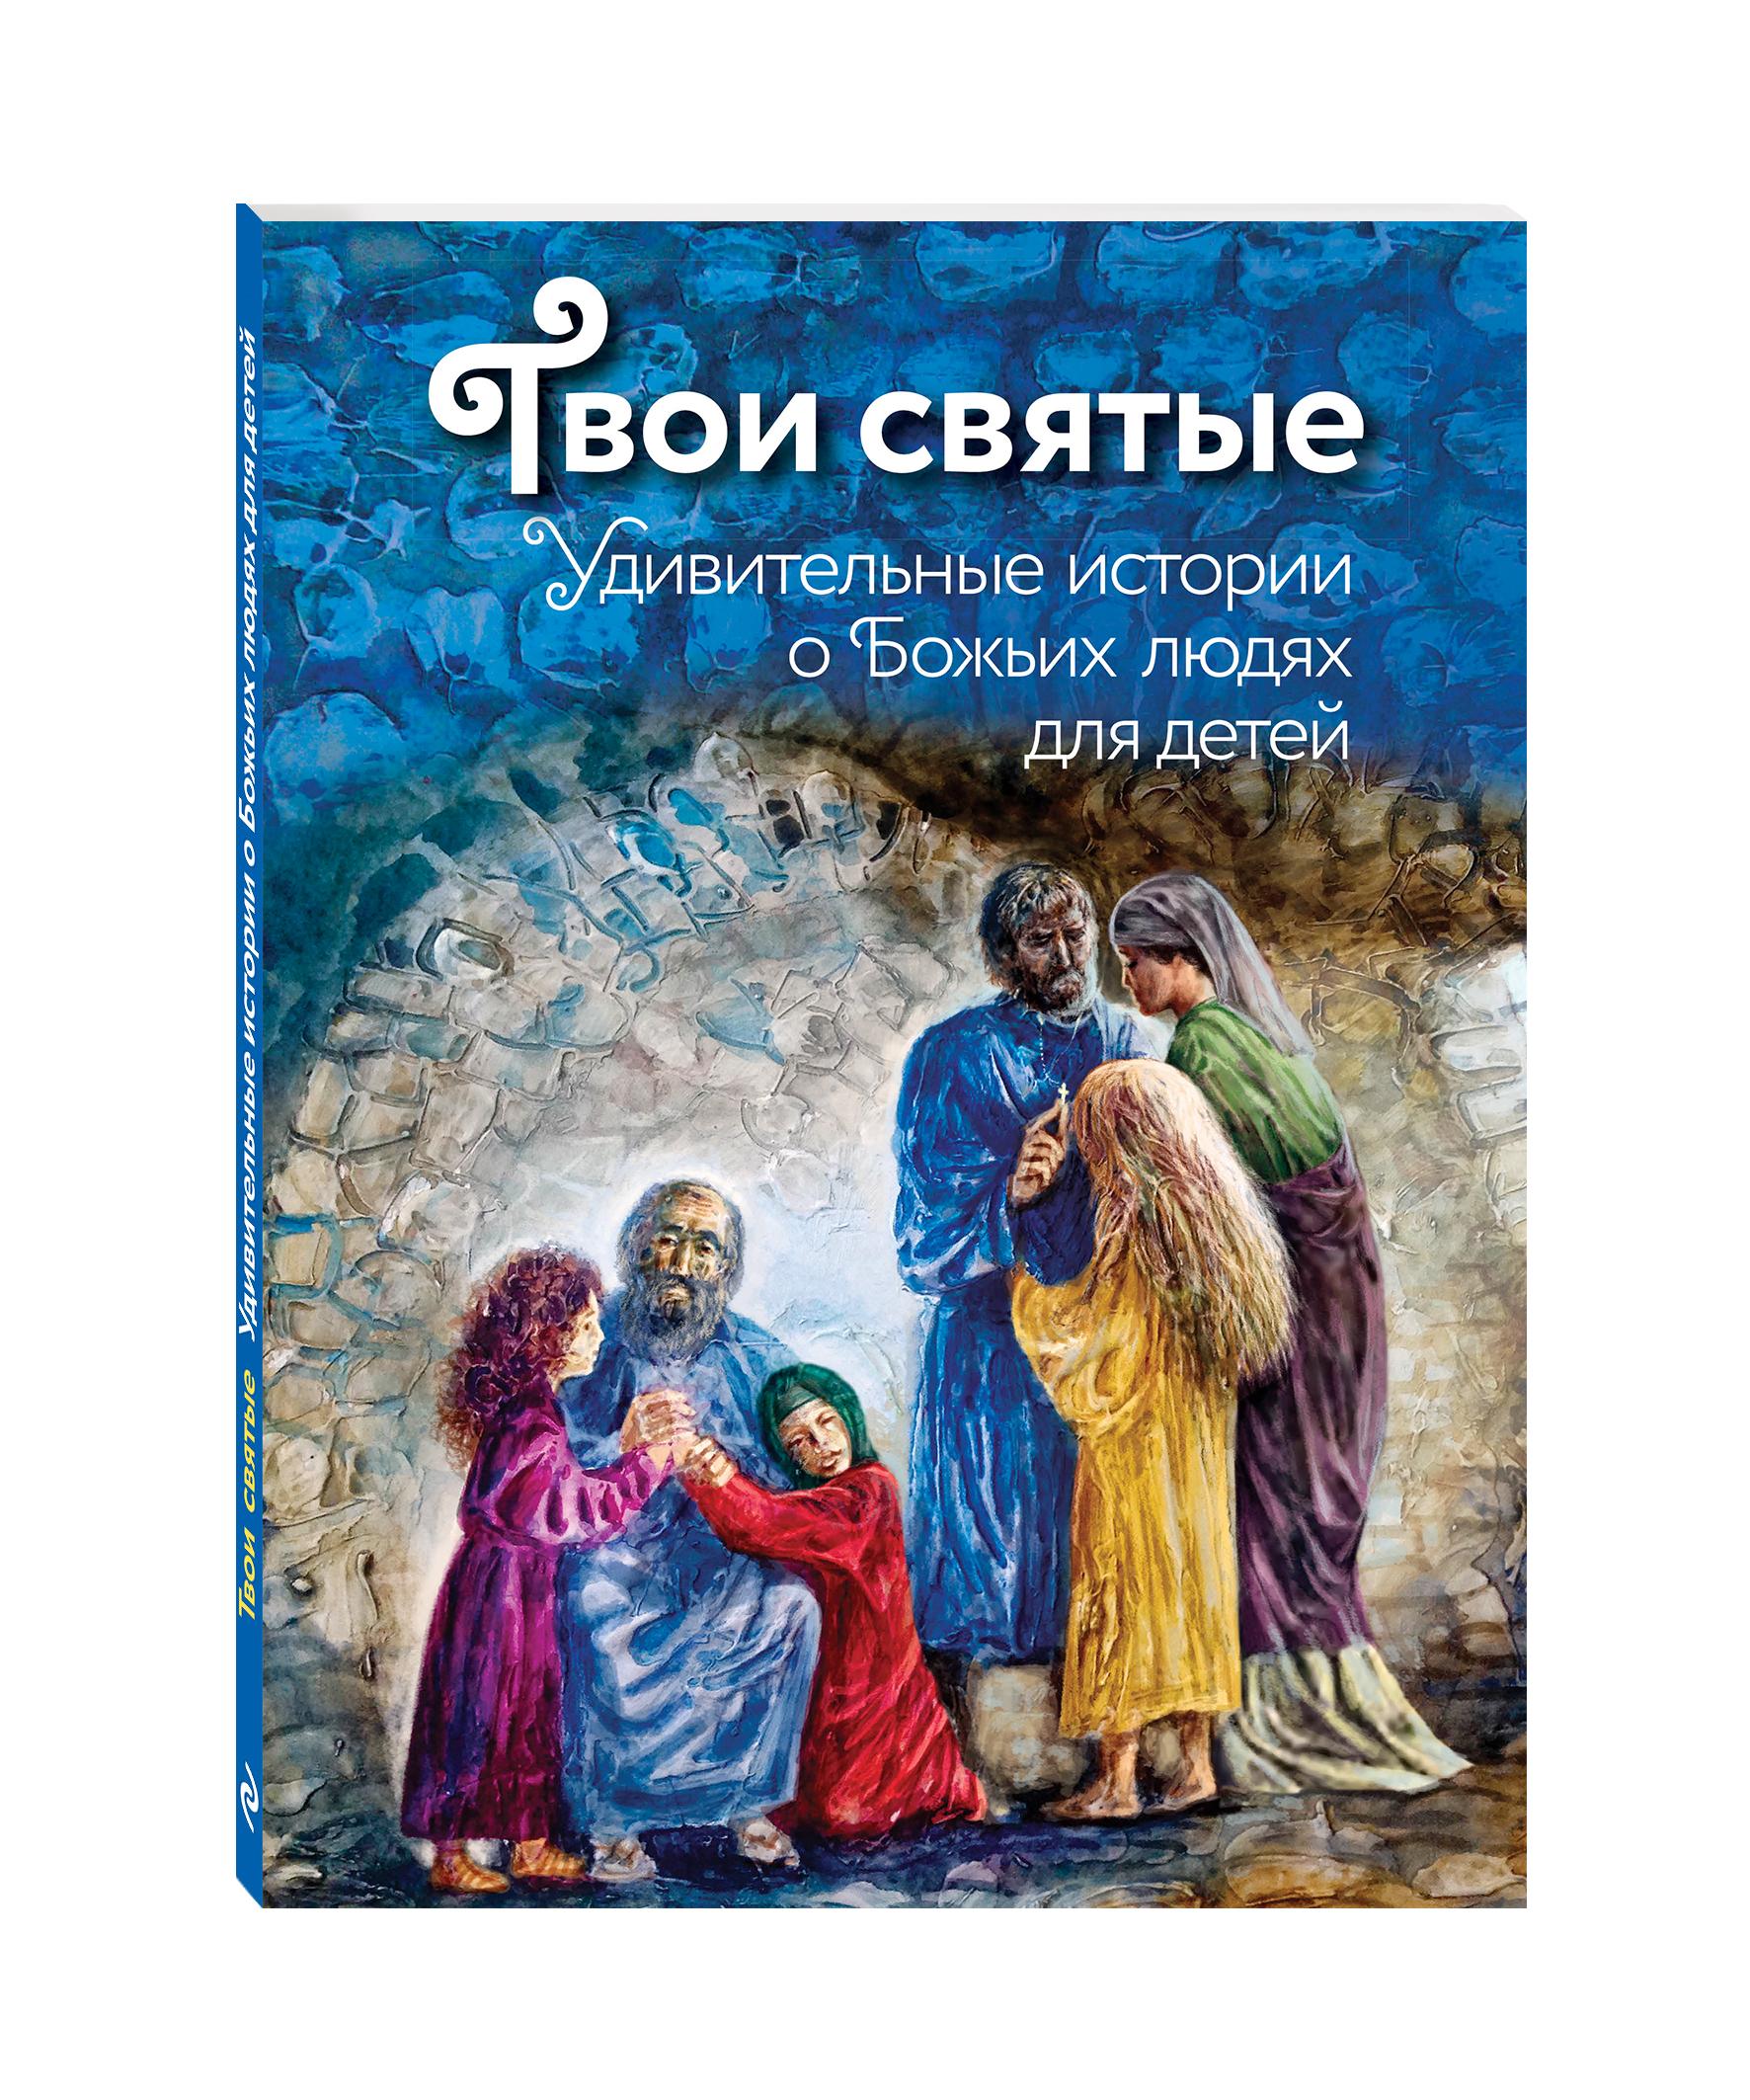 Твои святые: Удивительные истории о Божьих людях ( Щеголева Е.В.  )